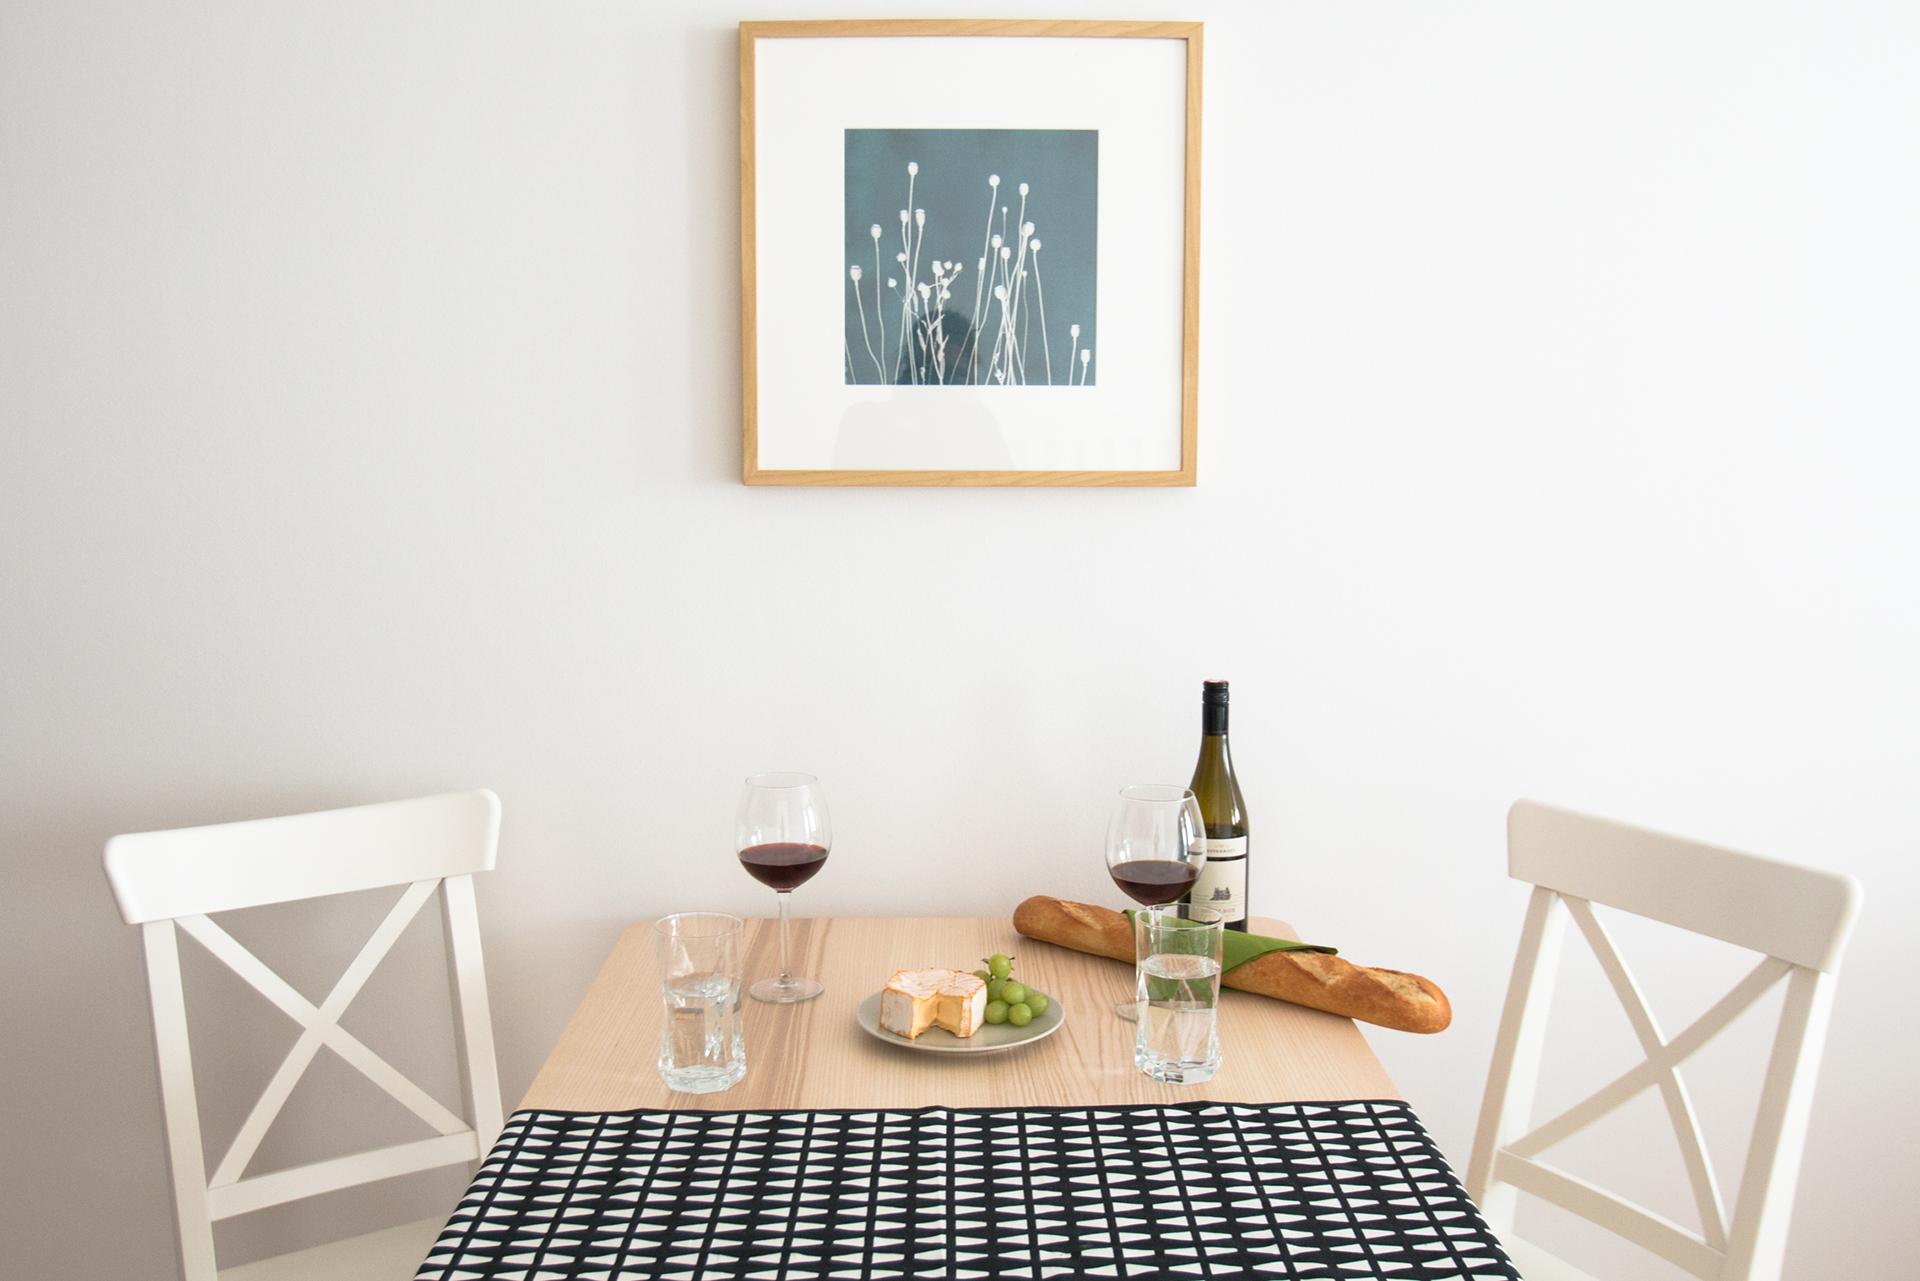 Esstisch, Wein, Elegant